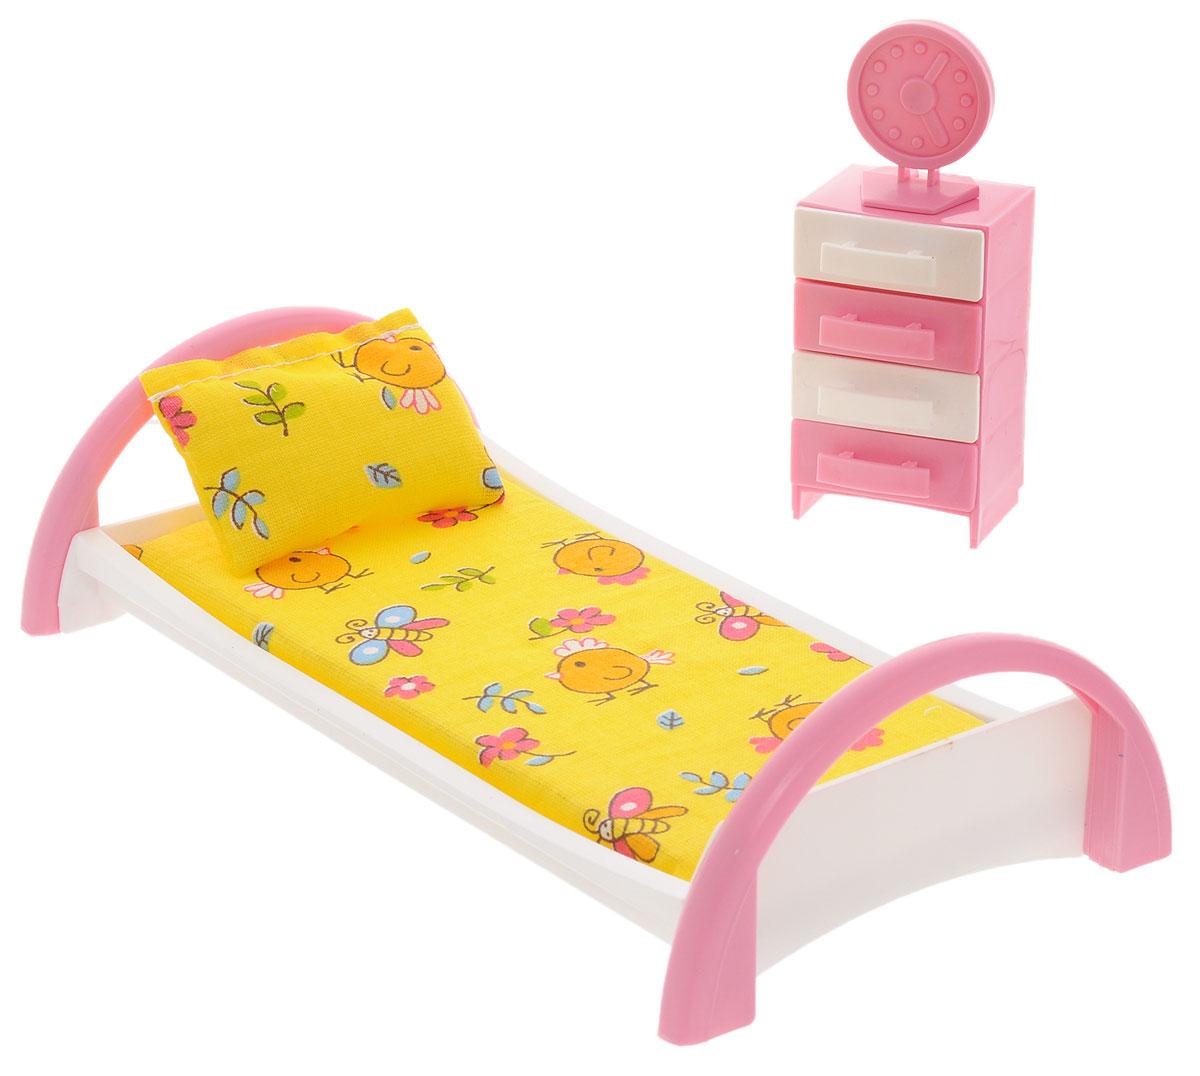 Форма Набор мебели для кукол Кровать с тумбочкой цвет желтый goki мебель для кукольной больницы комната ожидания 14 предметов